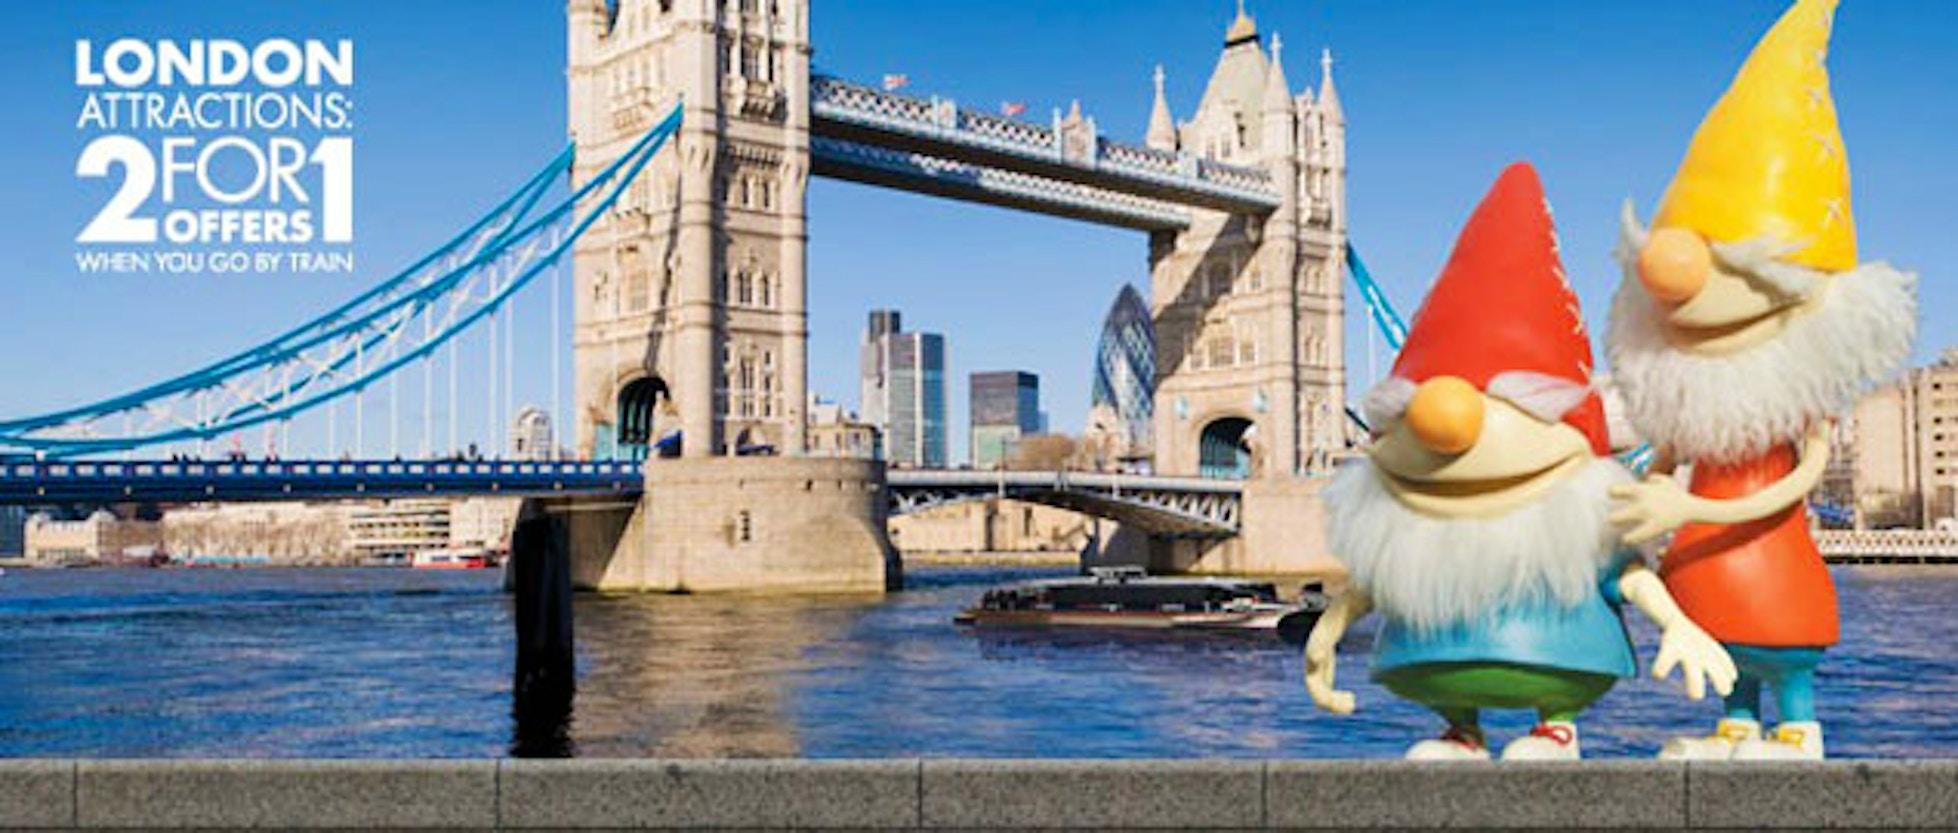 Offerta Londra 2X1 - La guida dettagliata in italiano